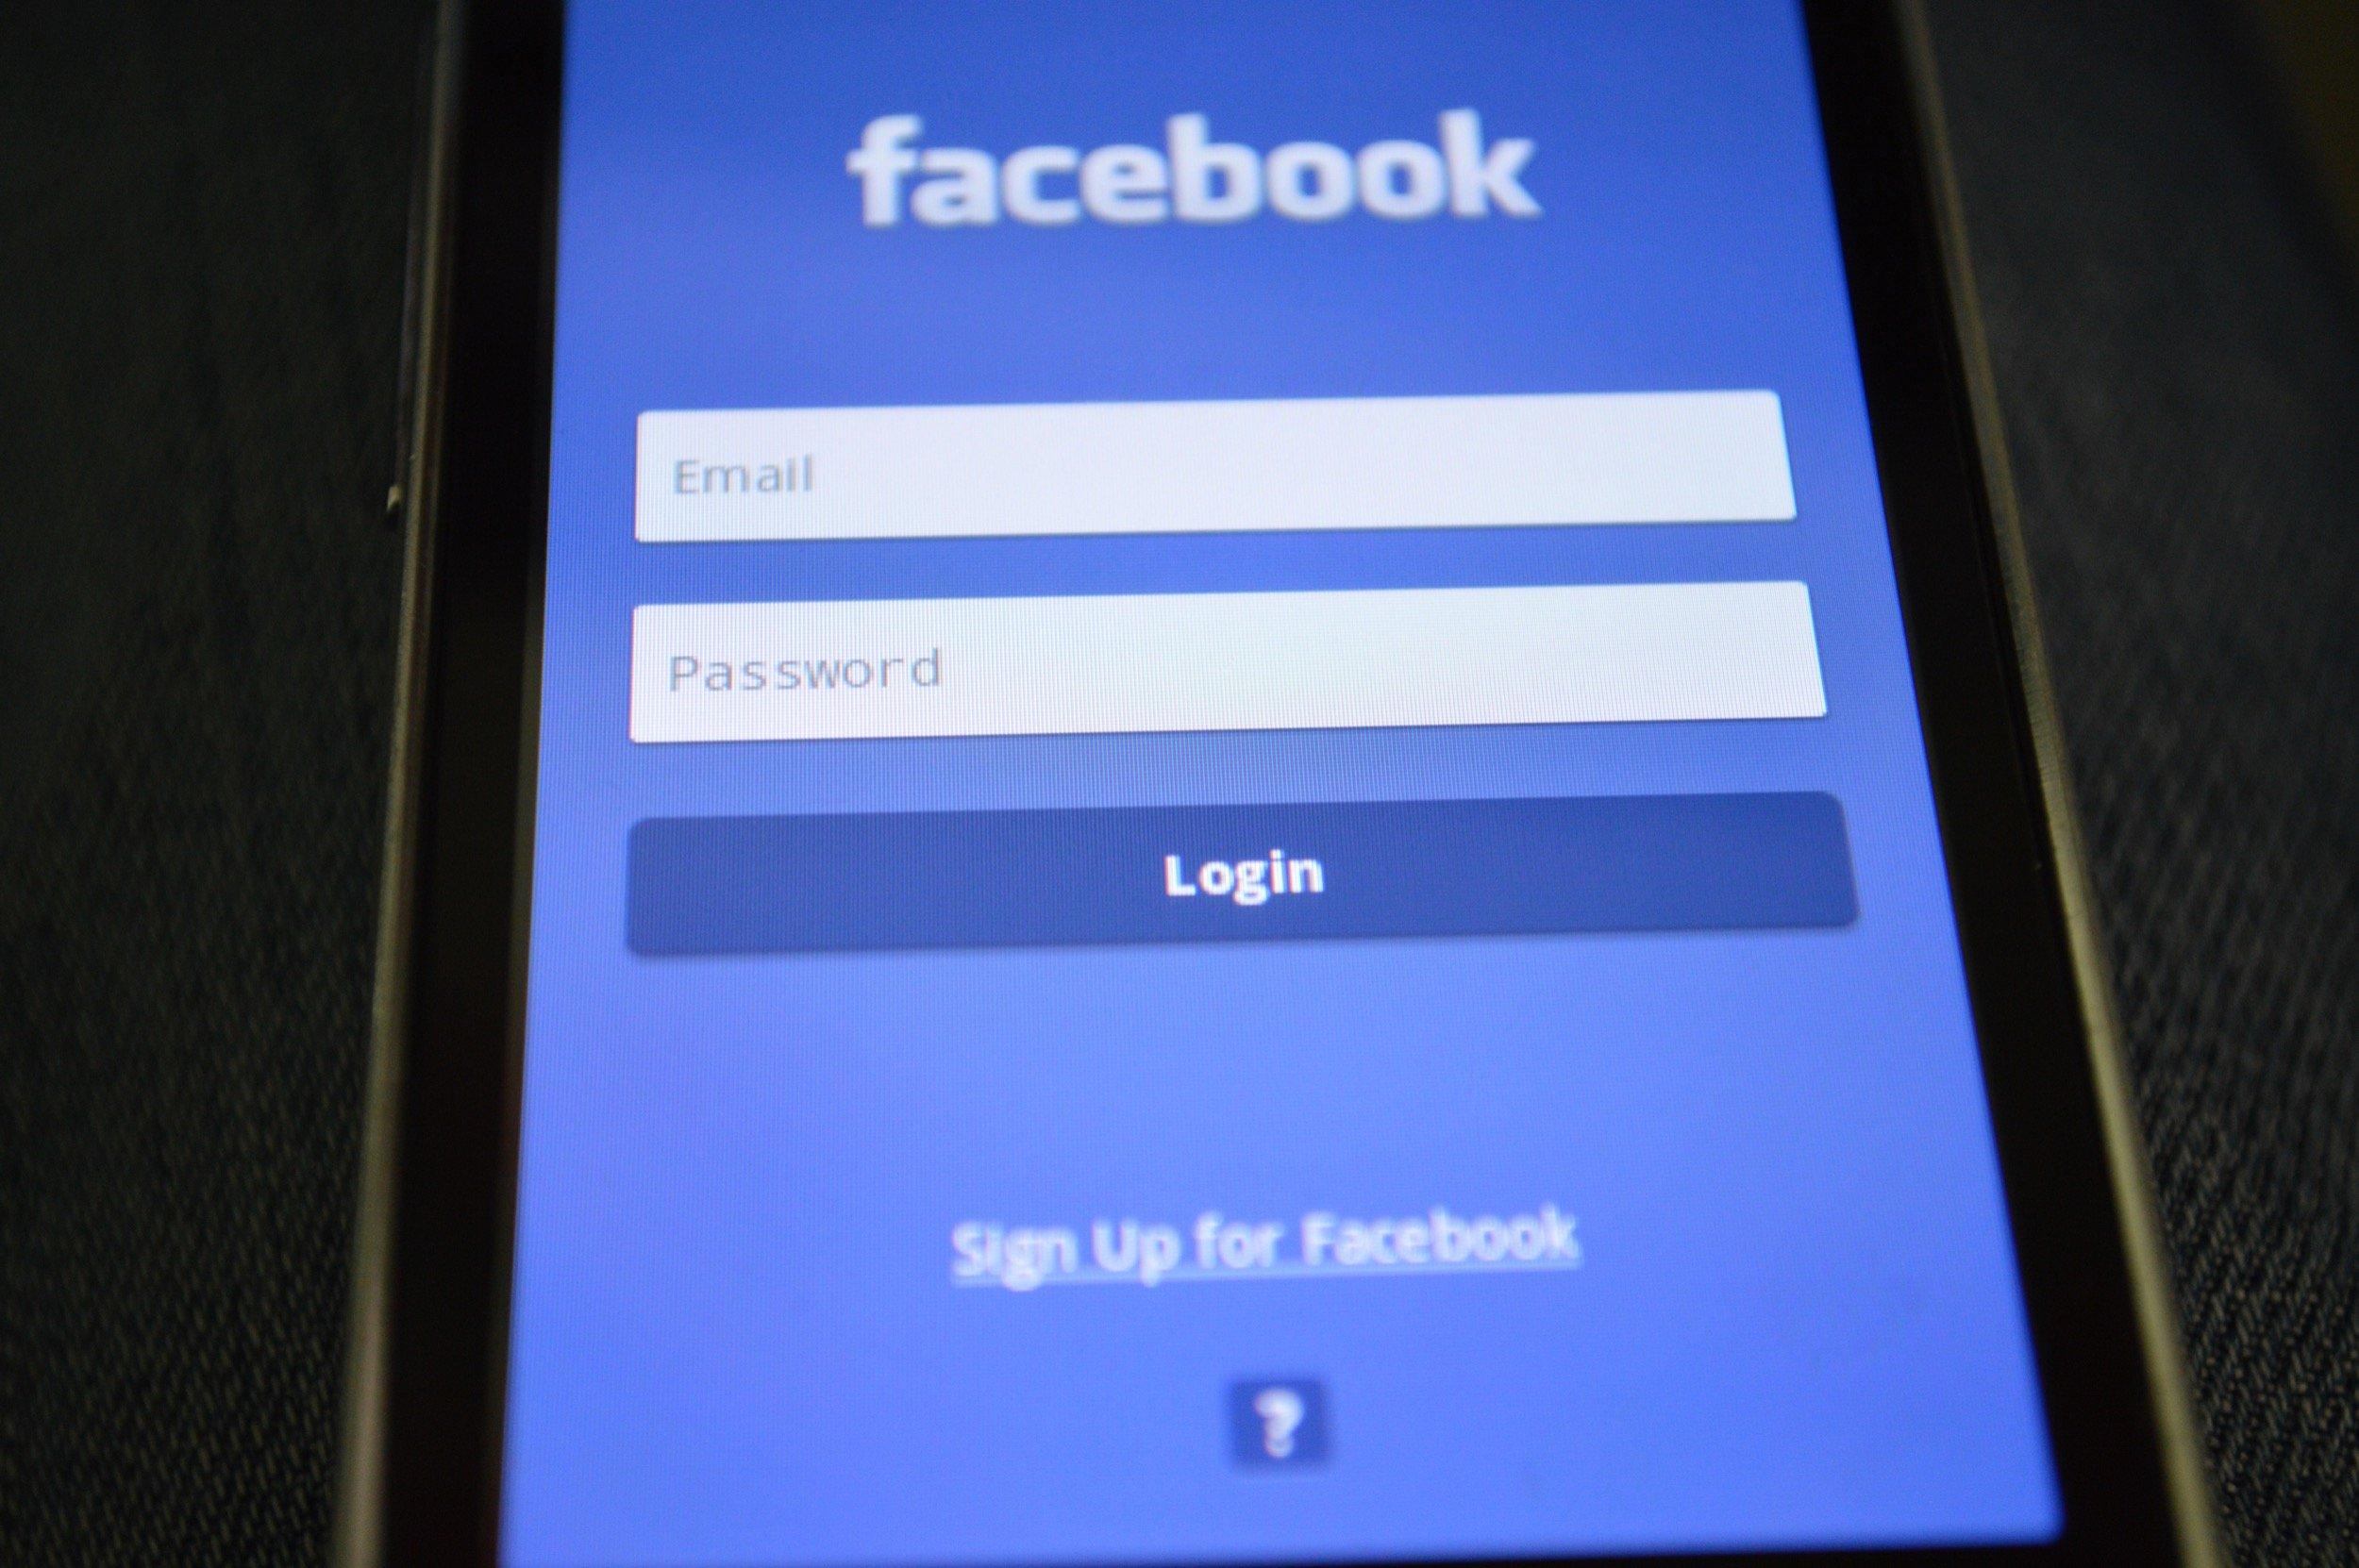 Un pas en arrière ? Facebook pourrait réintégrer Messenger dans l'appli principale ... 1